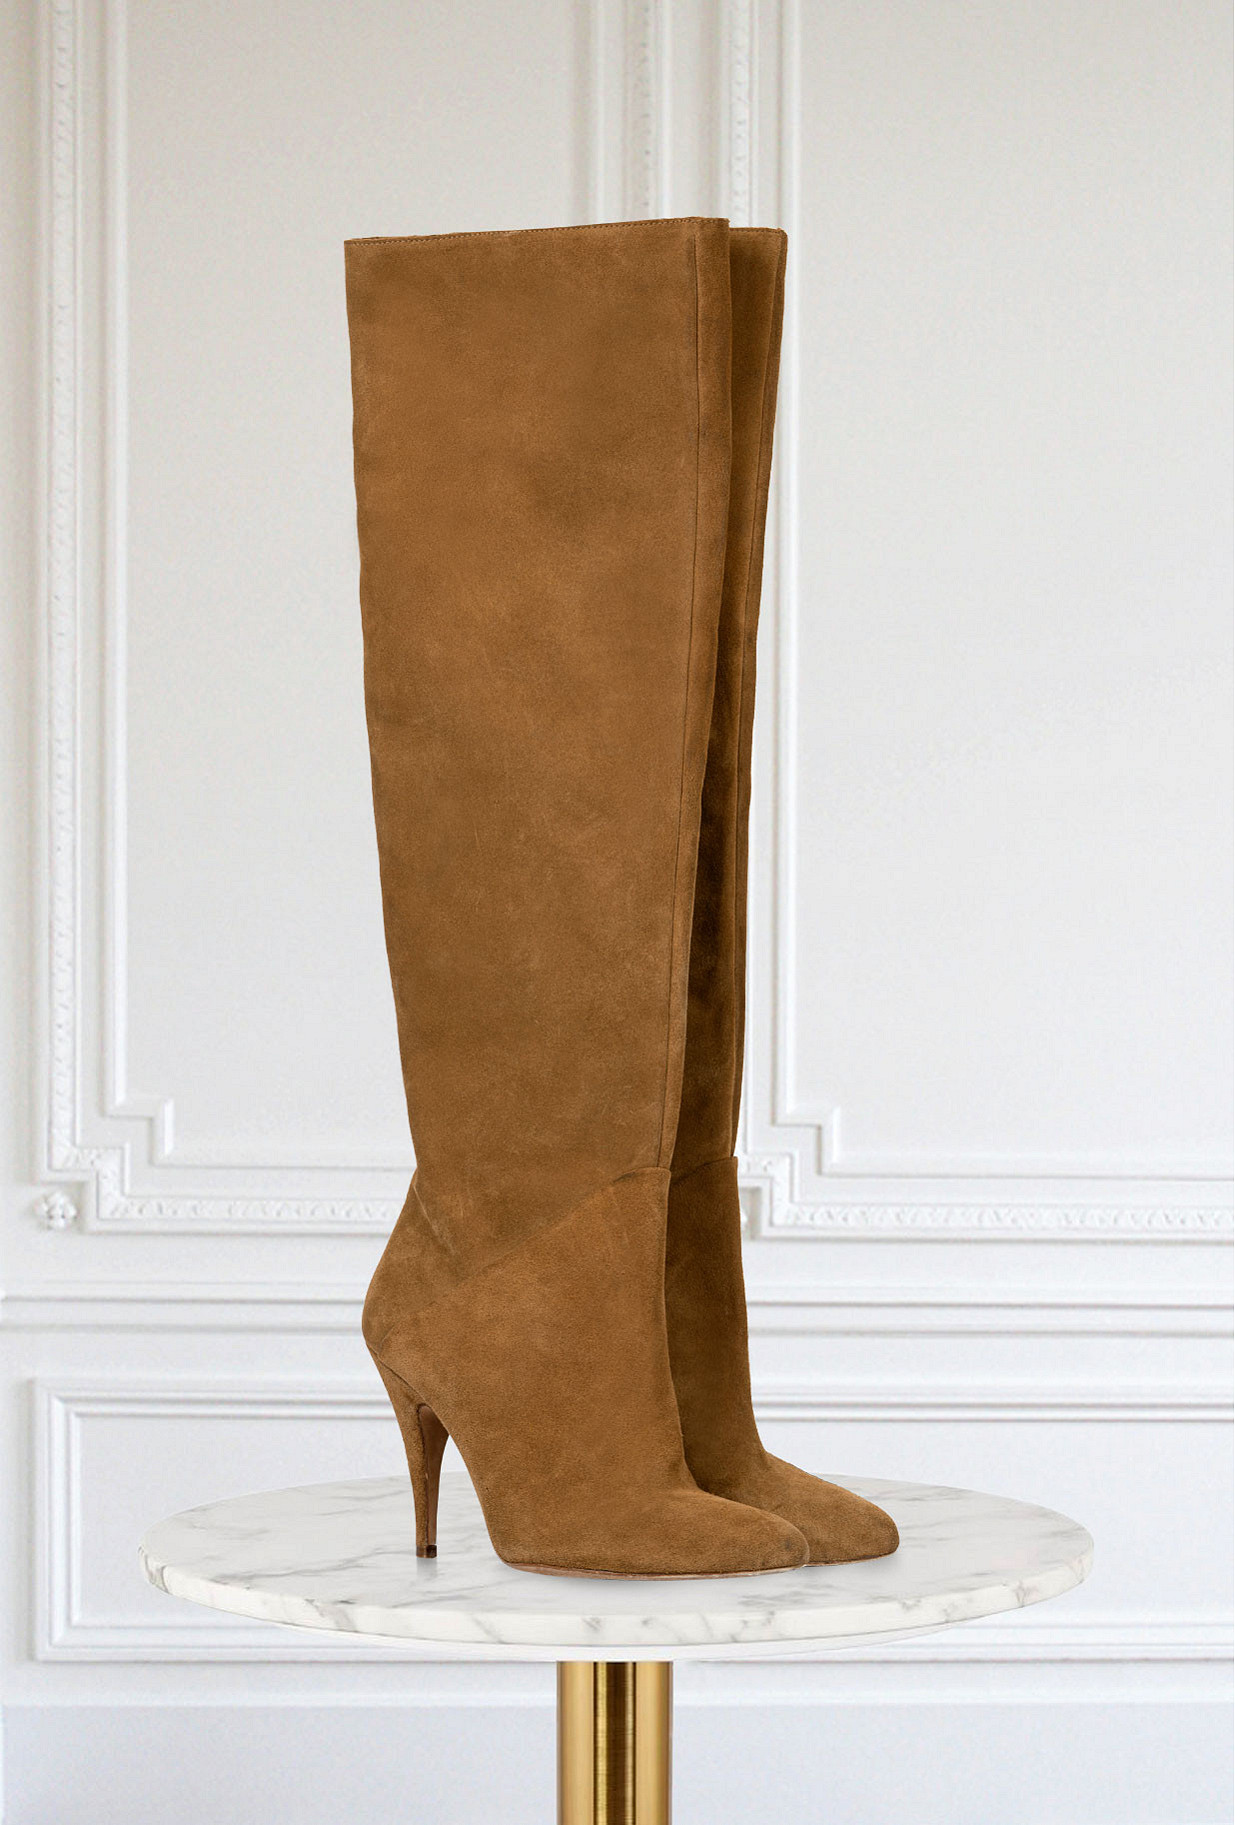 Suede Boots Dementes Mes Demoiselles Paris